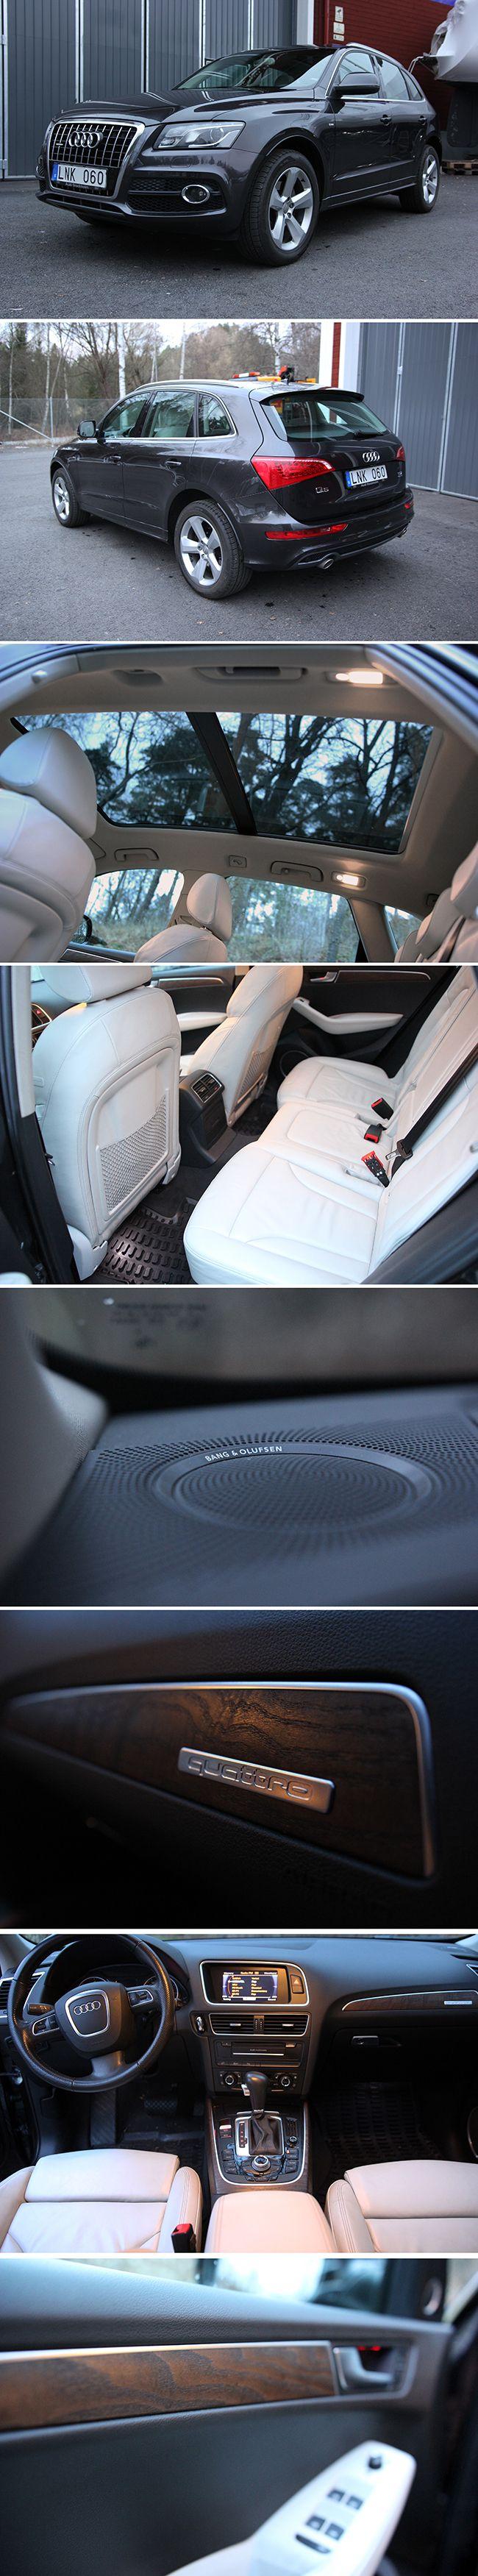 Audi Q5 3.0 TDI q (240hk), 2010, 13400 mil, Lava grå Metallic, Designpaket sport läder+ finnappa, sportstolar, Nav, S-line extriörpaket, Alu fälgar 8 j x 19 i 5-ekerdesign, Framsäten med el inställning ink el svankstöd, Förvaringspaket proline, Teknikpaket, Sportpaket, Läderklädd multifunktionssportratt i 3-ekersdesign, Panoramasoltak, Baklucka som öppnas & stängs elektrisk, Läderpaket, Dekorinlägg, Pdc fram & bak, Ljus & regnsensor & heljusassistans, Farthållare, B&O sound system. Pris 238…